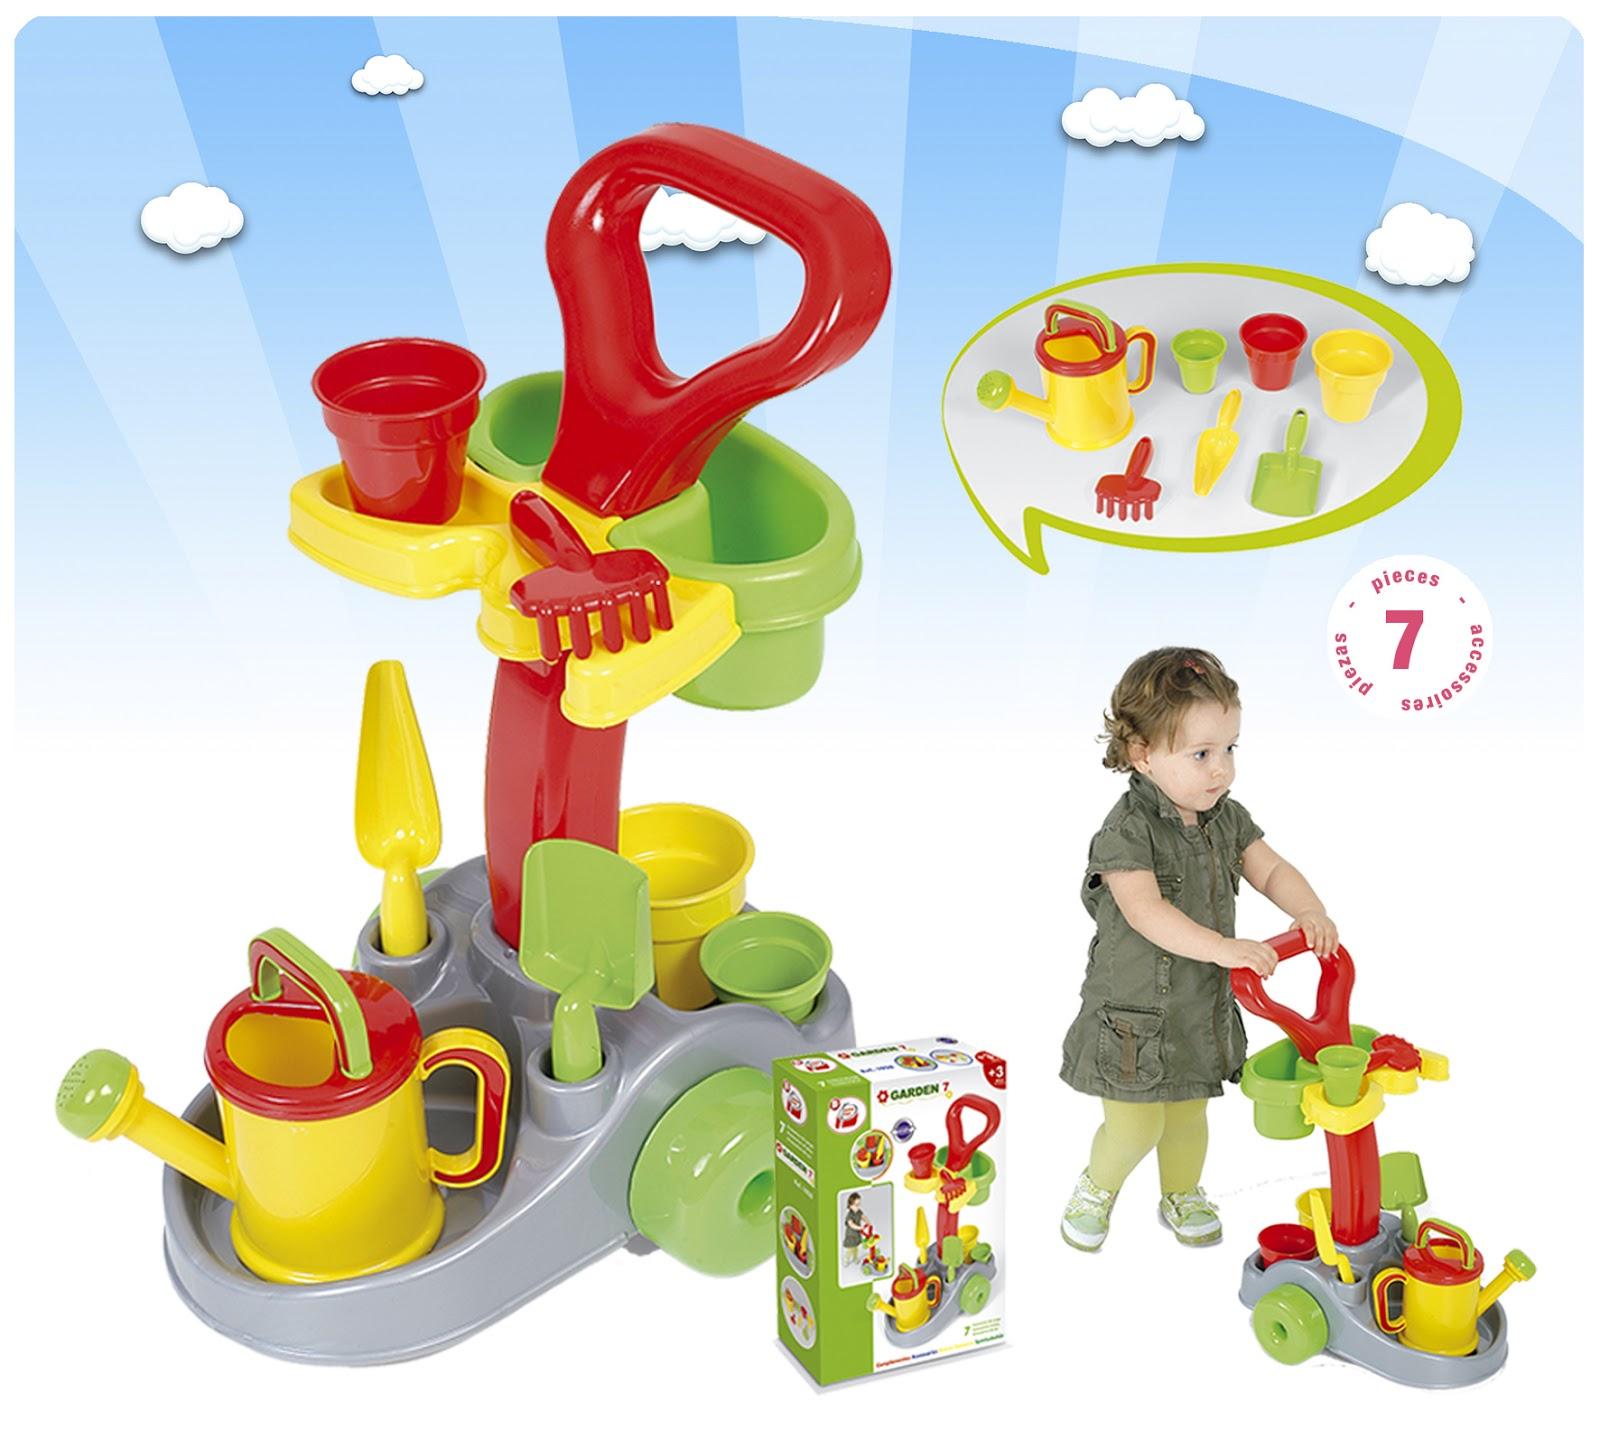 El juego y el juguete herramientas imprescindibles para la